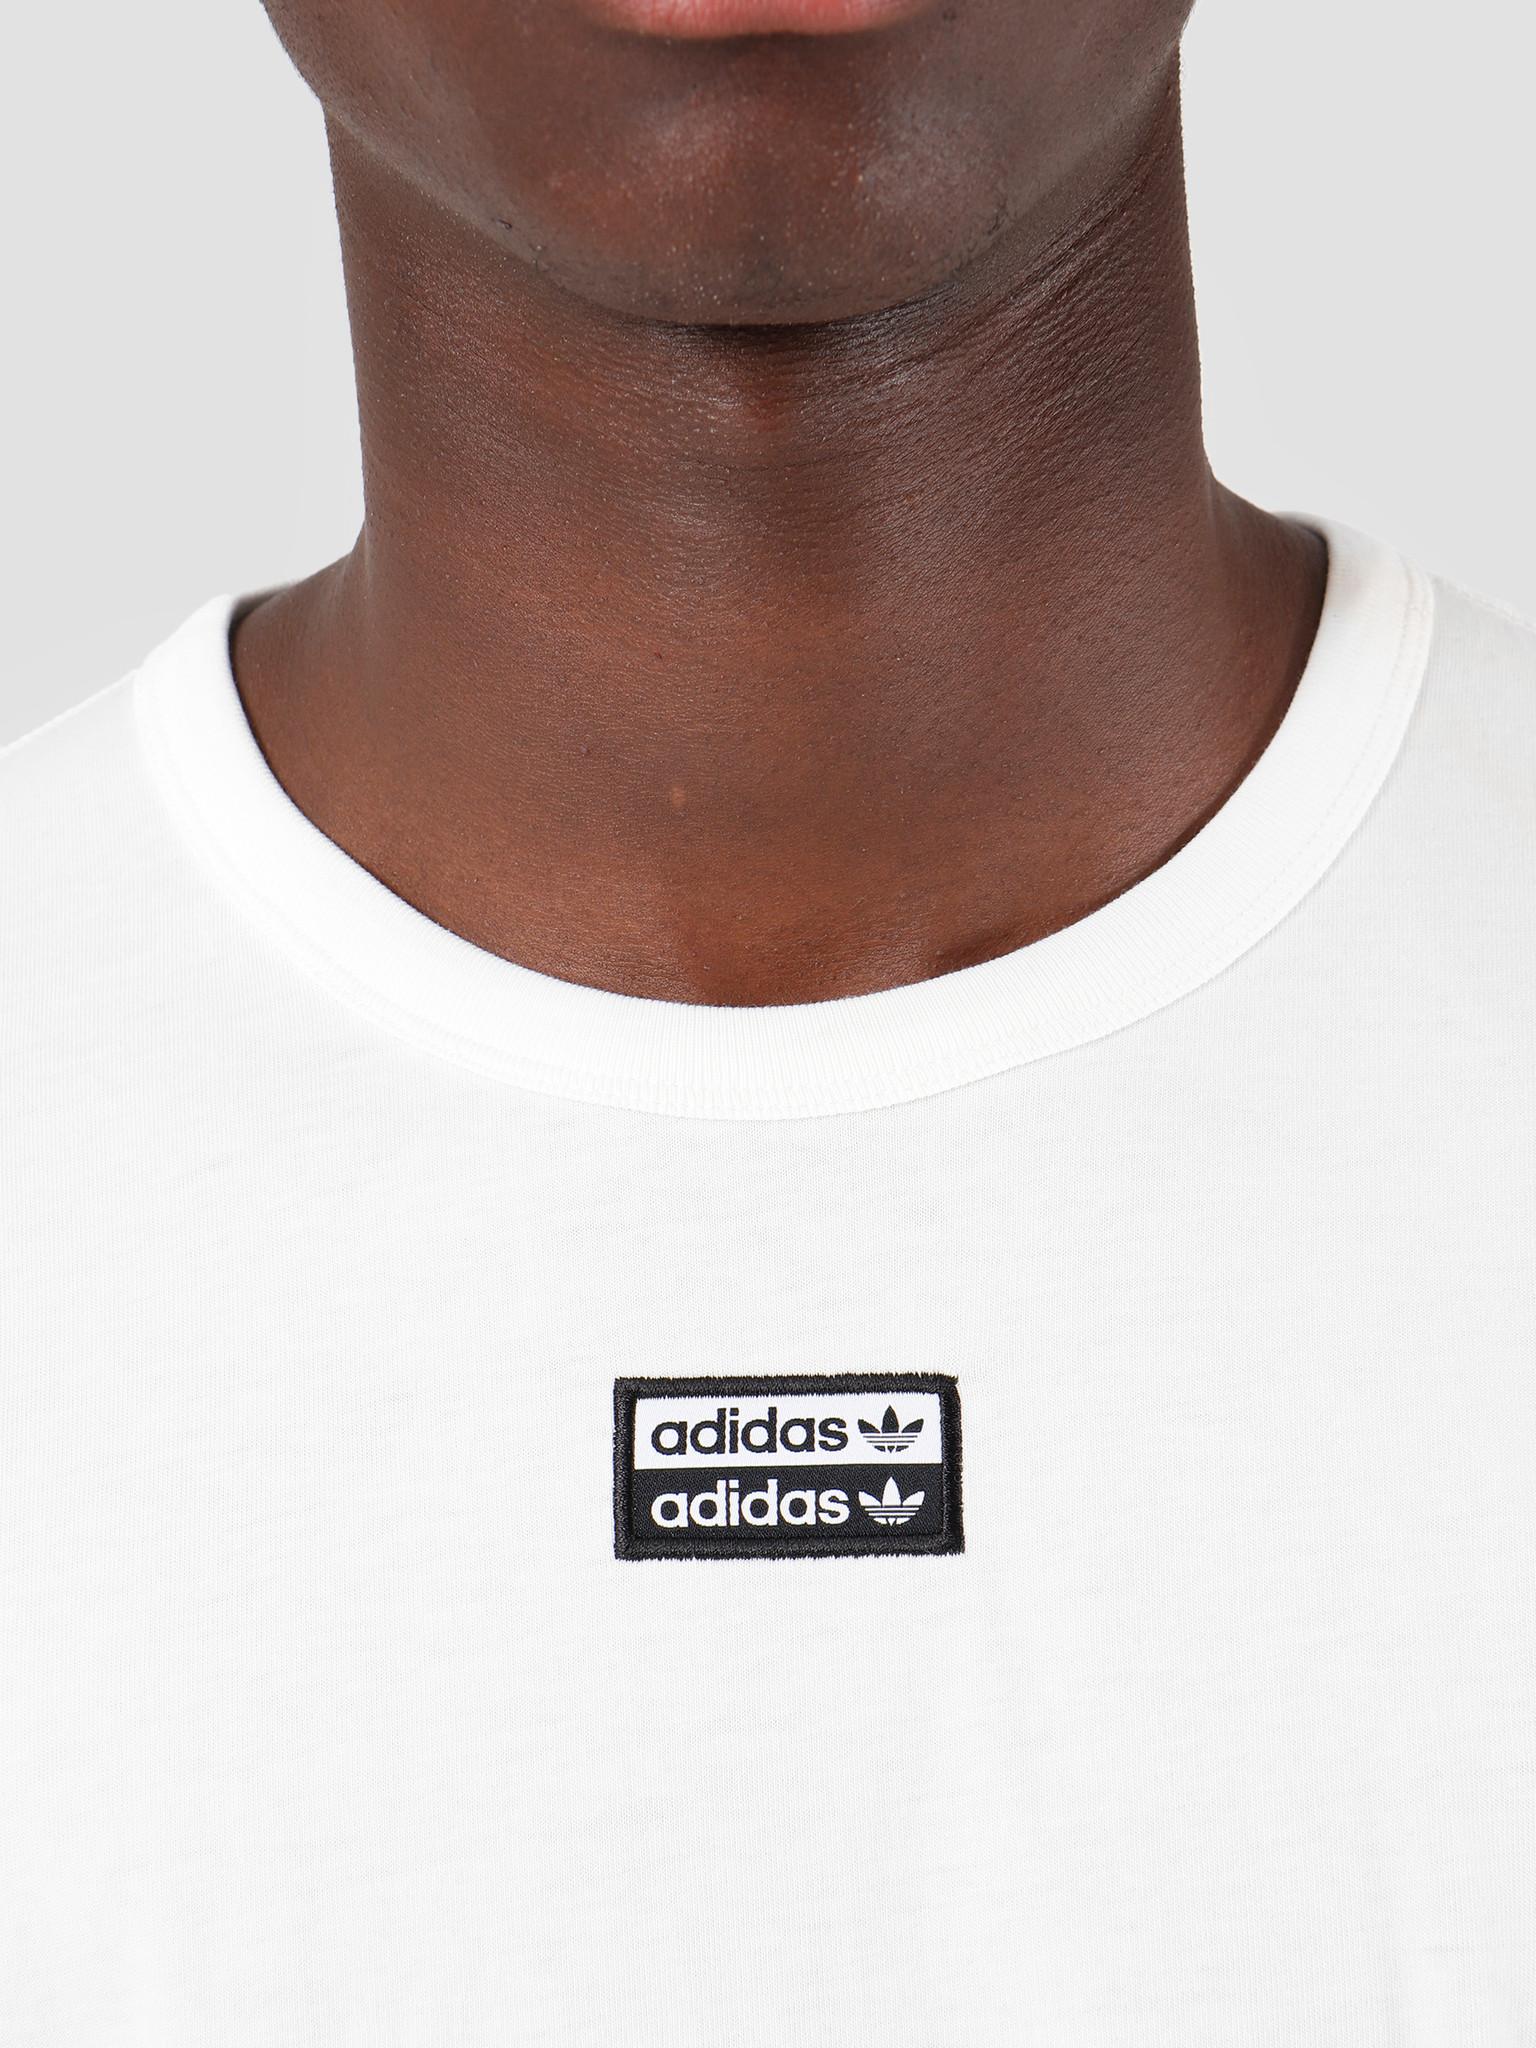 adidas adidas R.Y.V. T-Shirt White ED7221